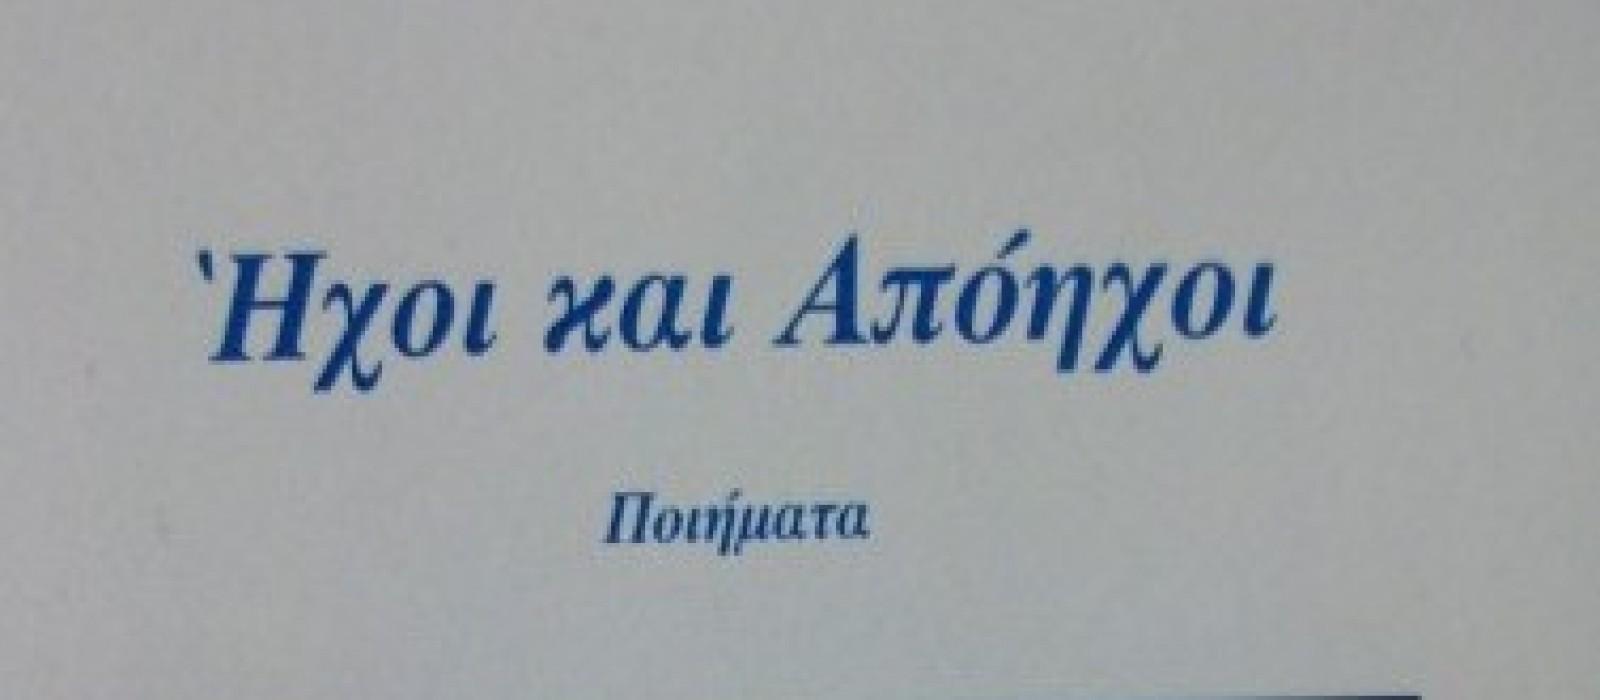 """Γιάννης Καρύτσας """"Ήχοι και Απόηχοι"""" ποιήματα"""